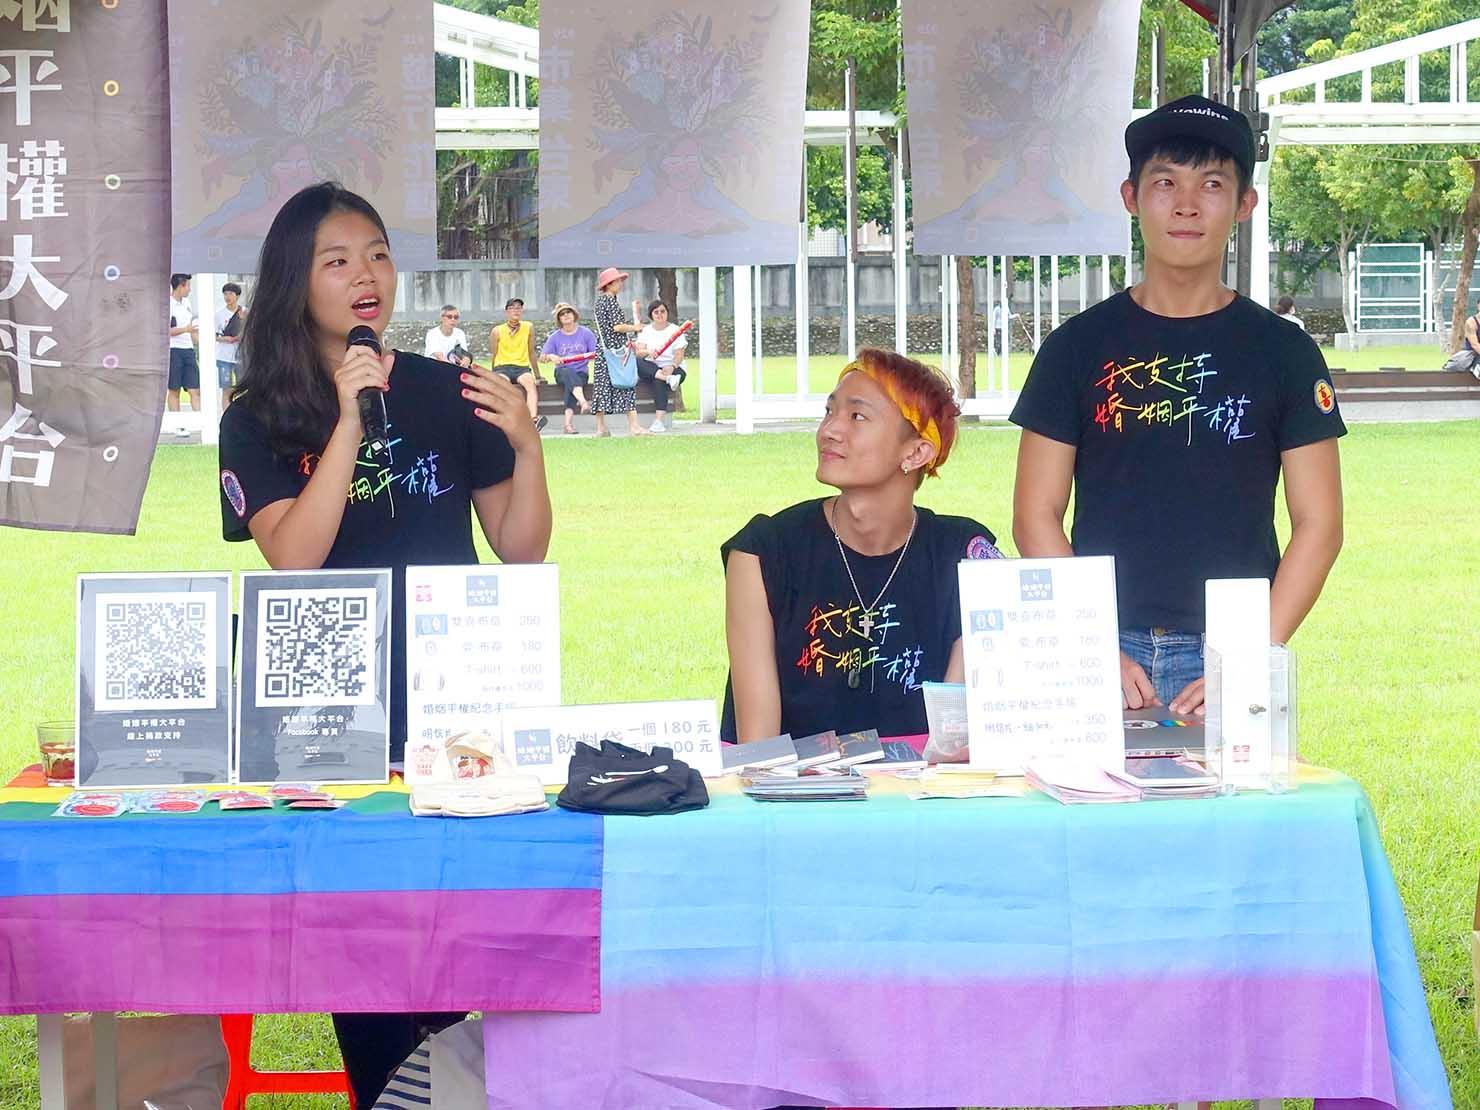 花東彩虹嘉年華(台湾東部LGBTプライド)の会場ブース紹介